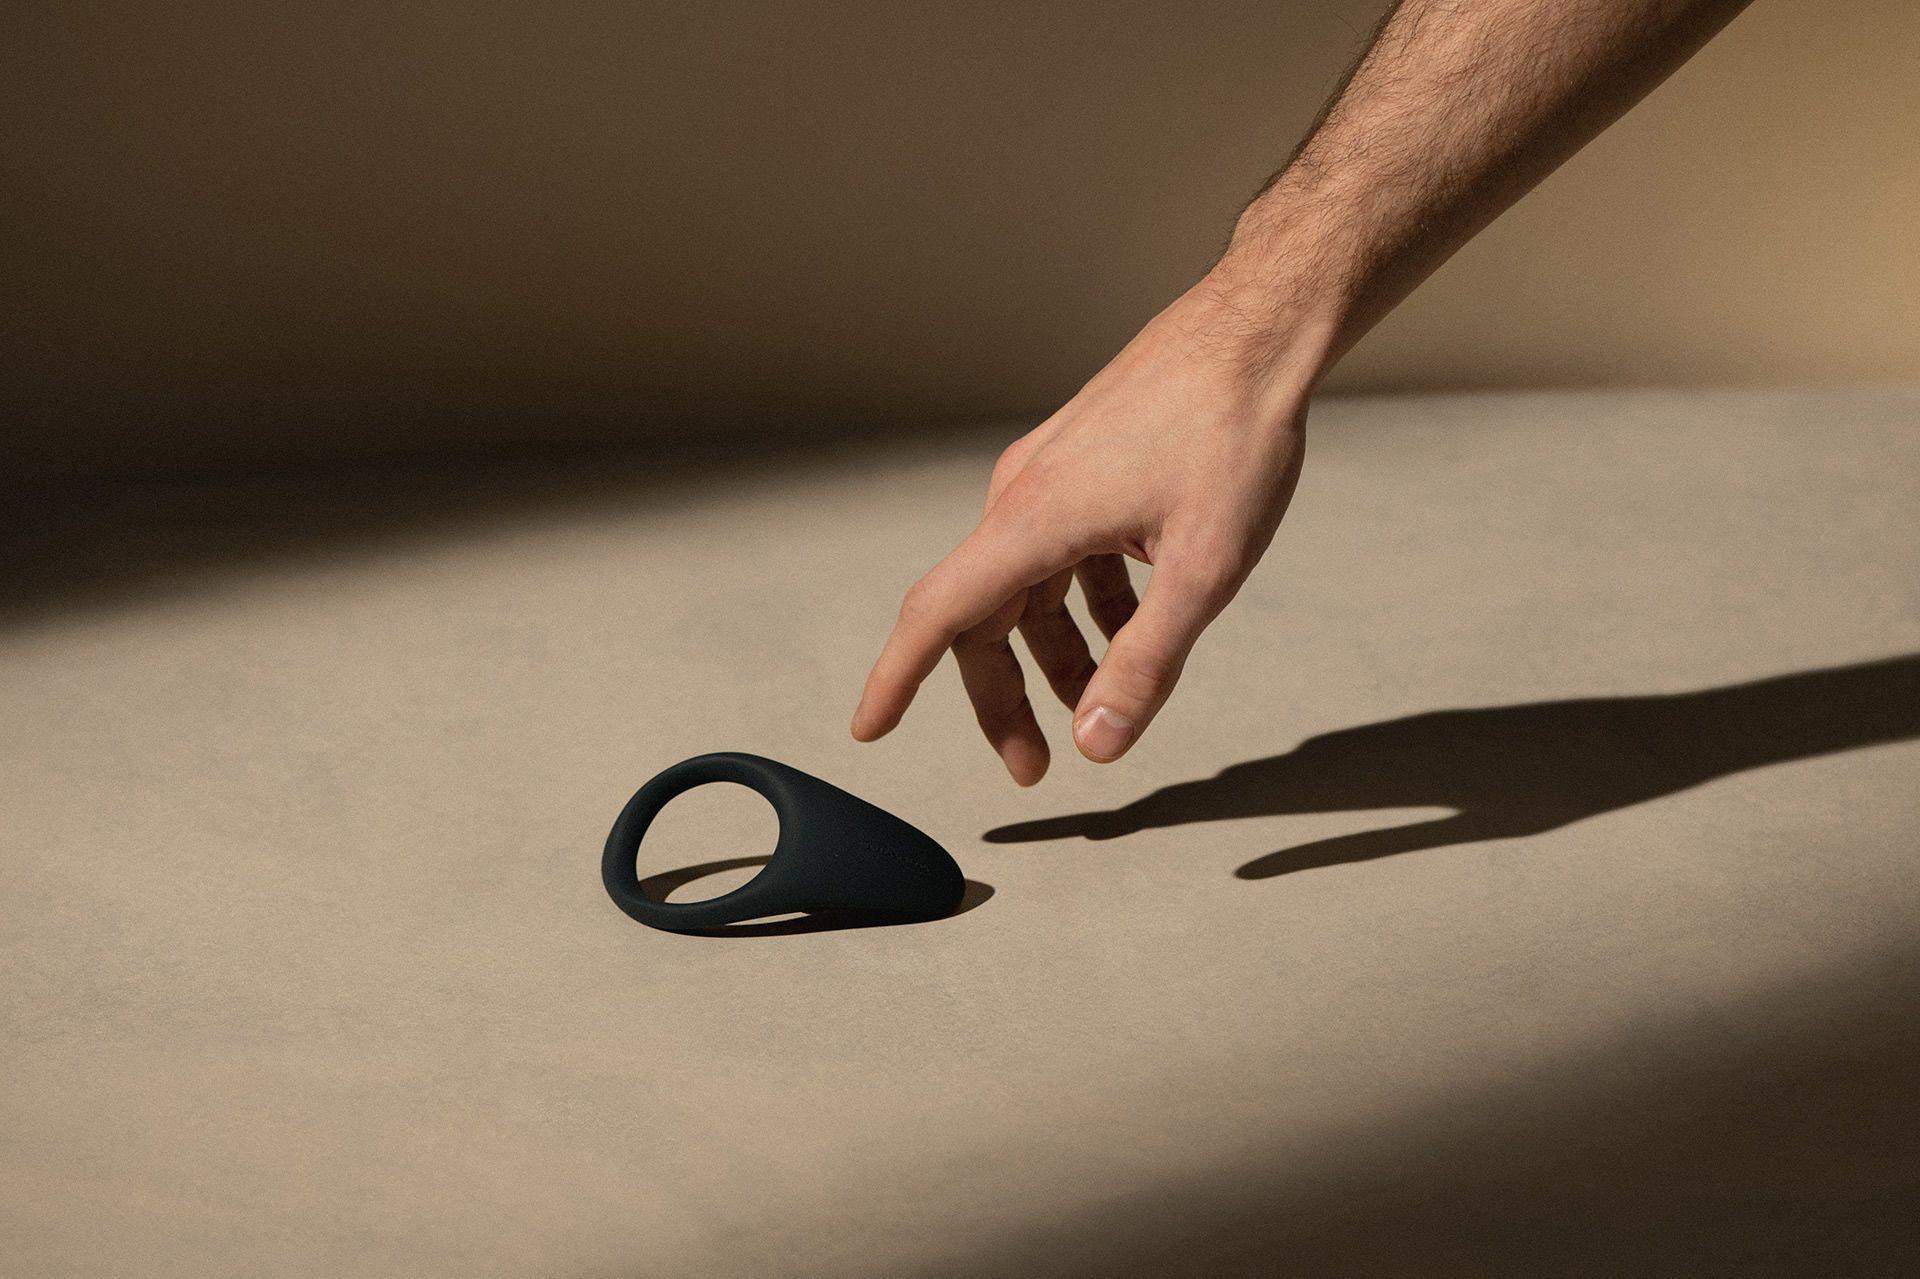 Décor beige en clair-obscur avec une main tendue vers un anneau pénien vibrant noir mat.